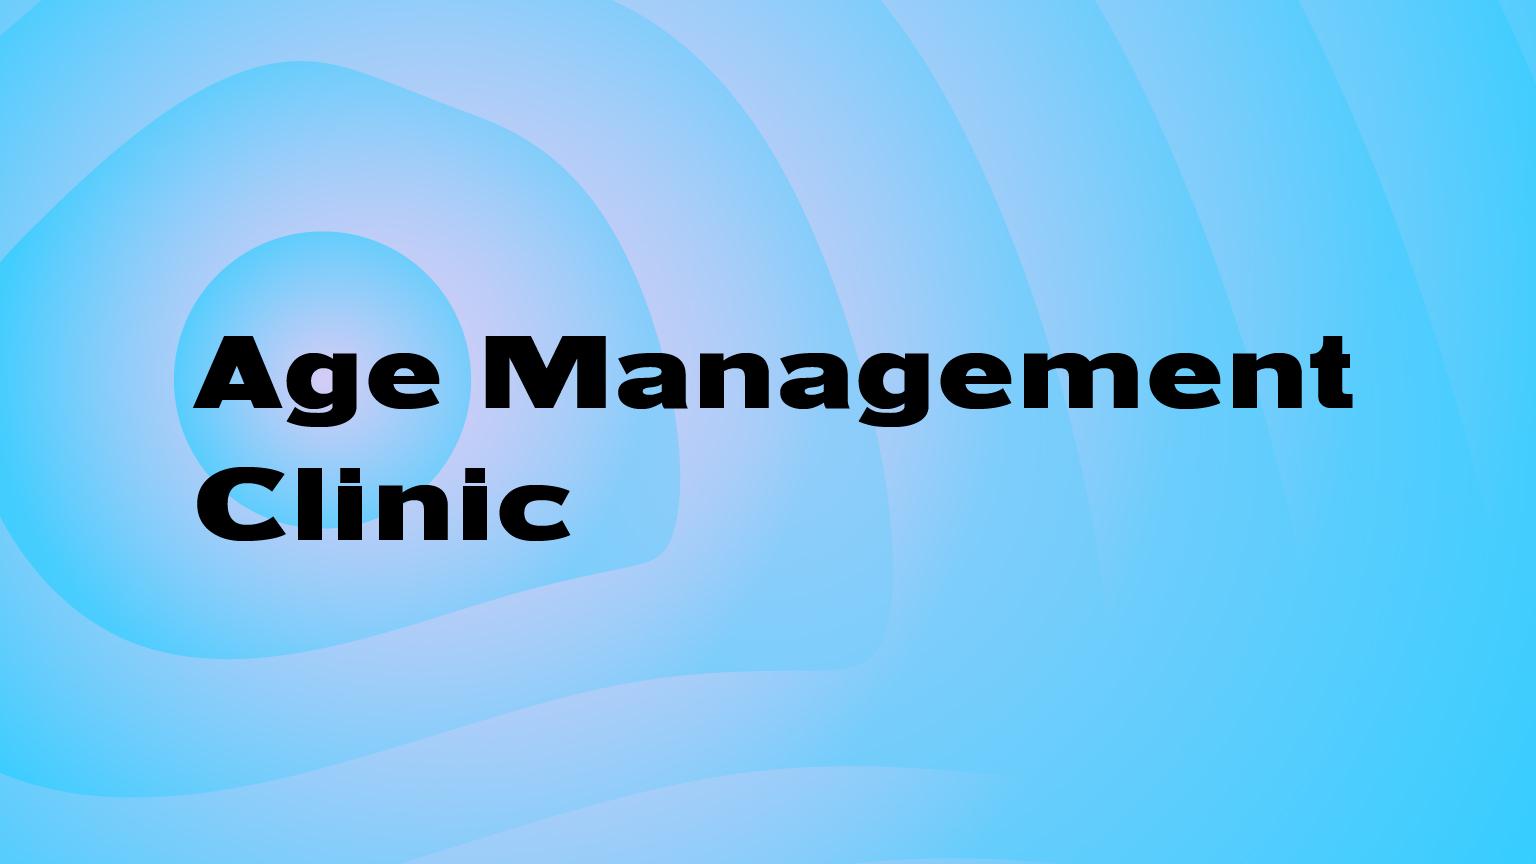 Логотип для медицинского центра (клиники)  фото f_5965ba14d2bdadff.jpg